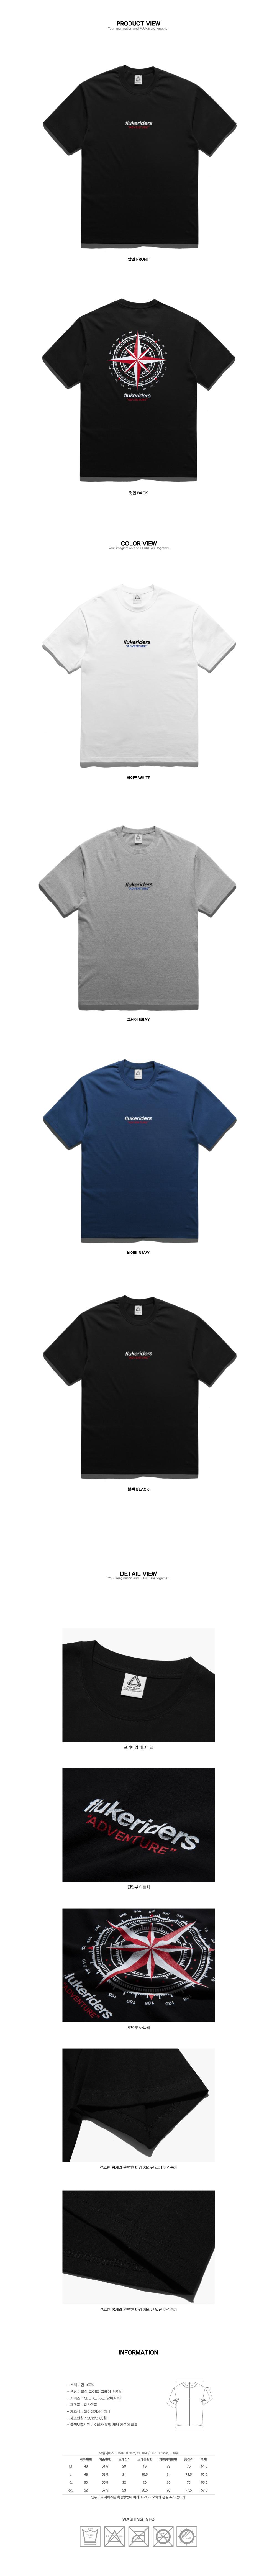 [플루크] 라이더 컴퍼스 그래픽 반팔티셔츠 FST121 / 4color